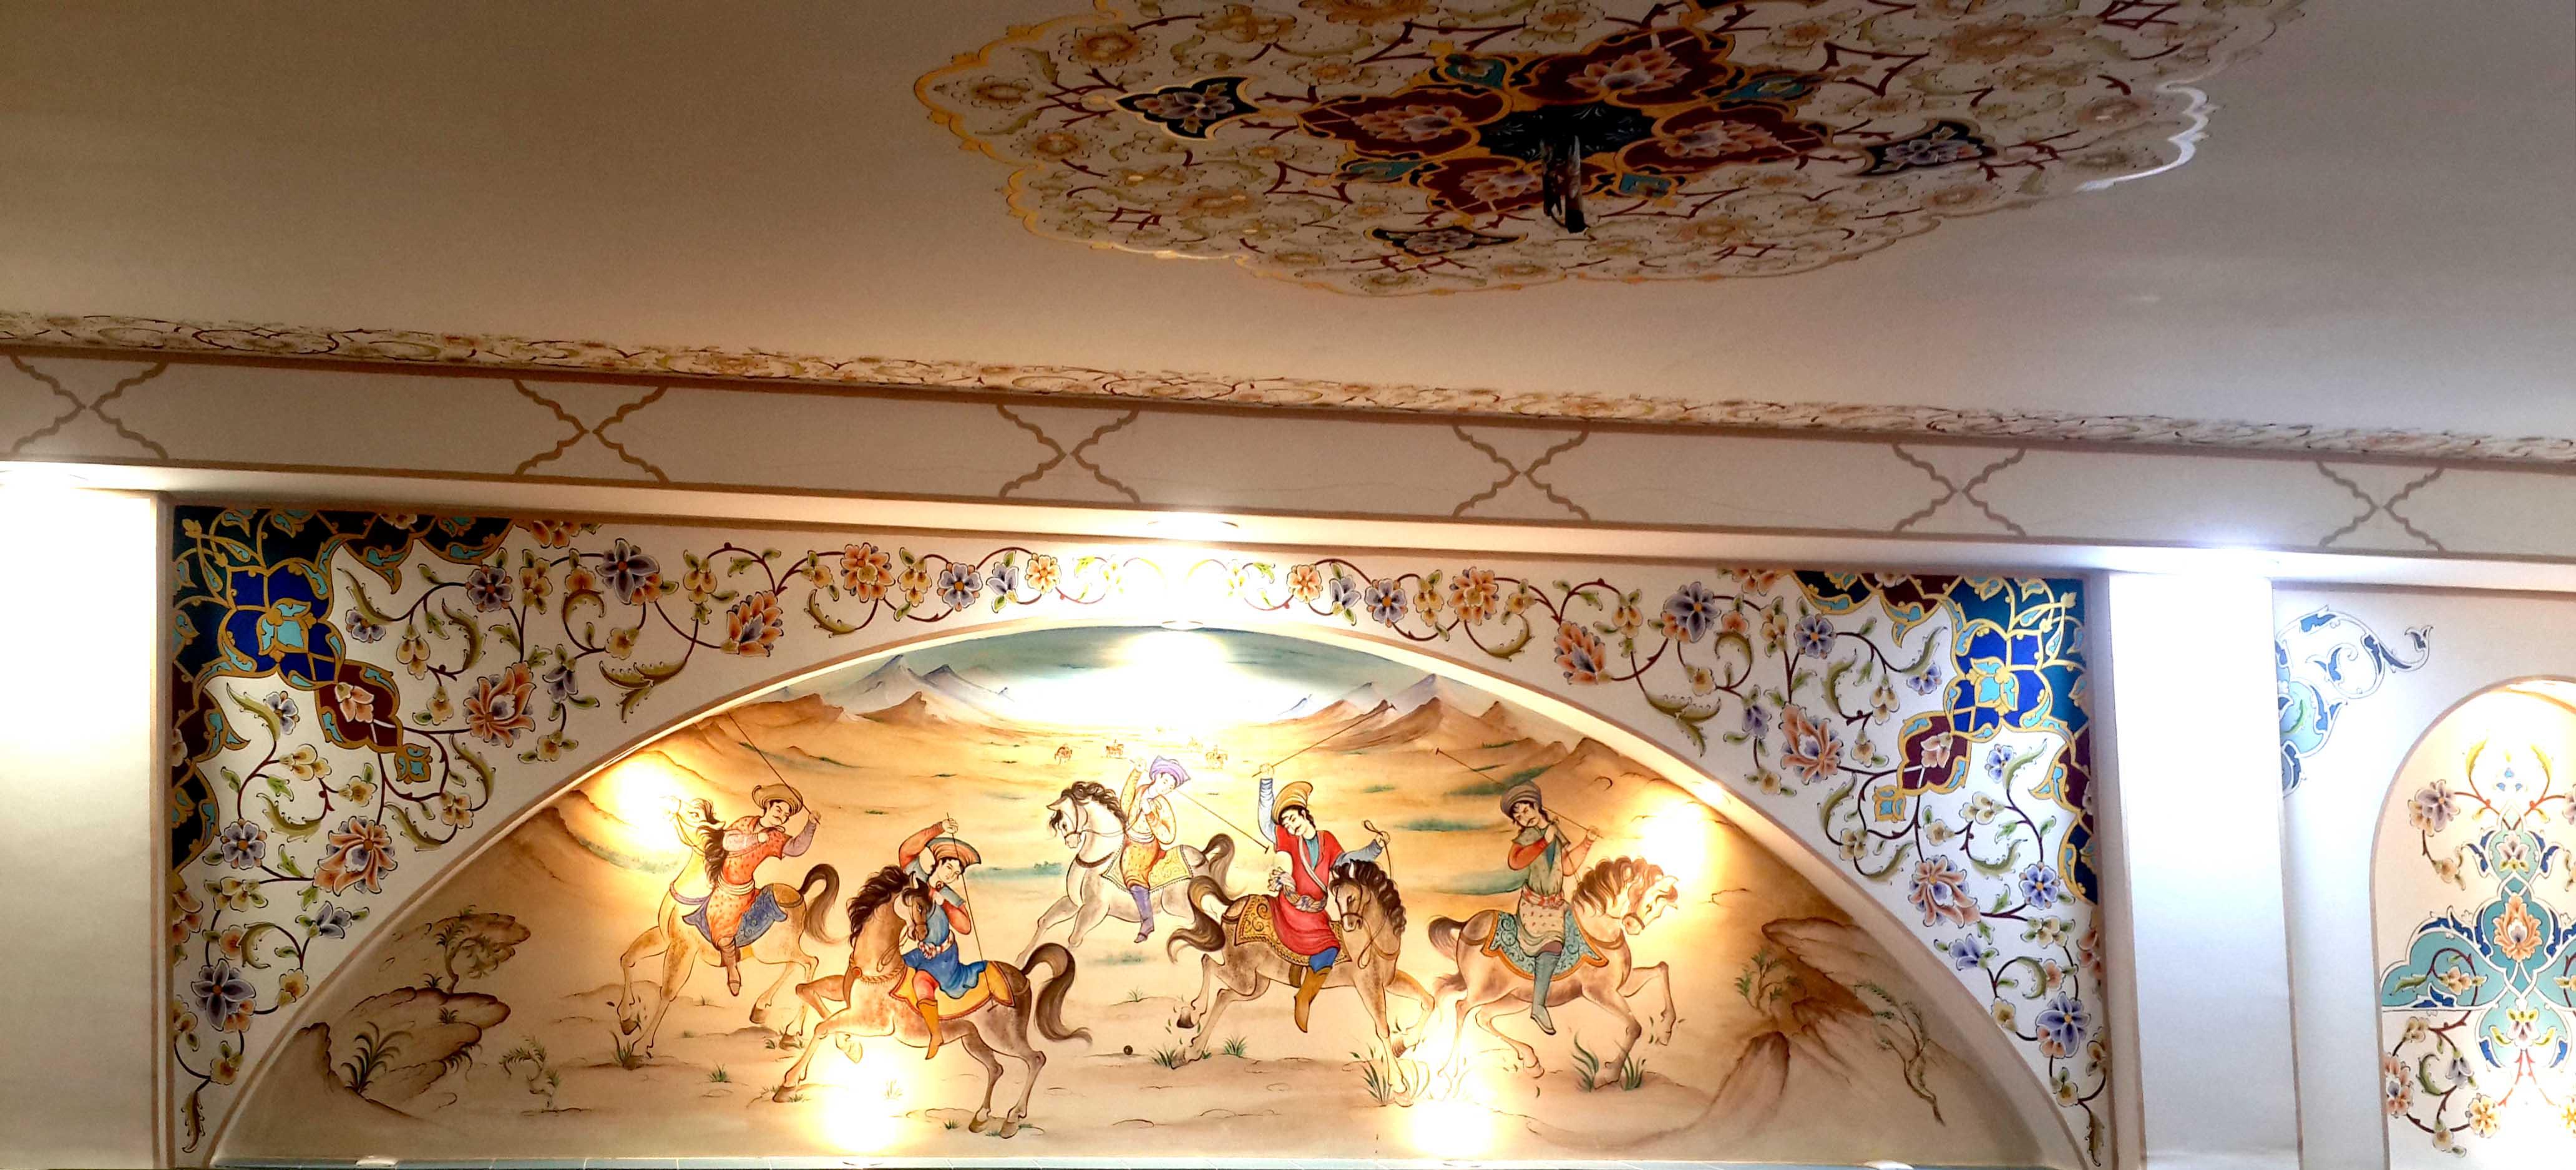 نقاشی در معماری سنتی